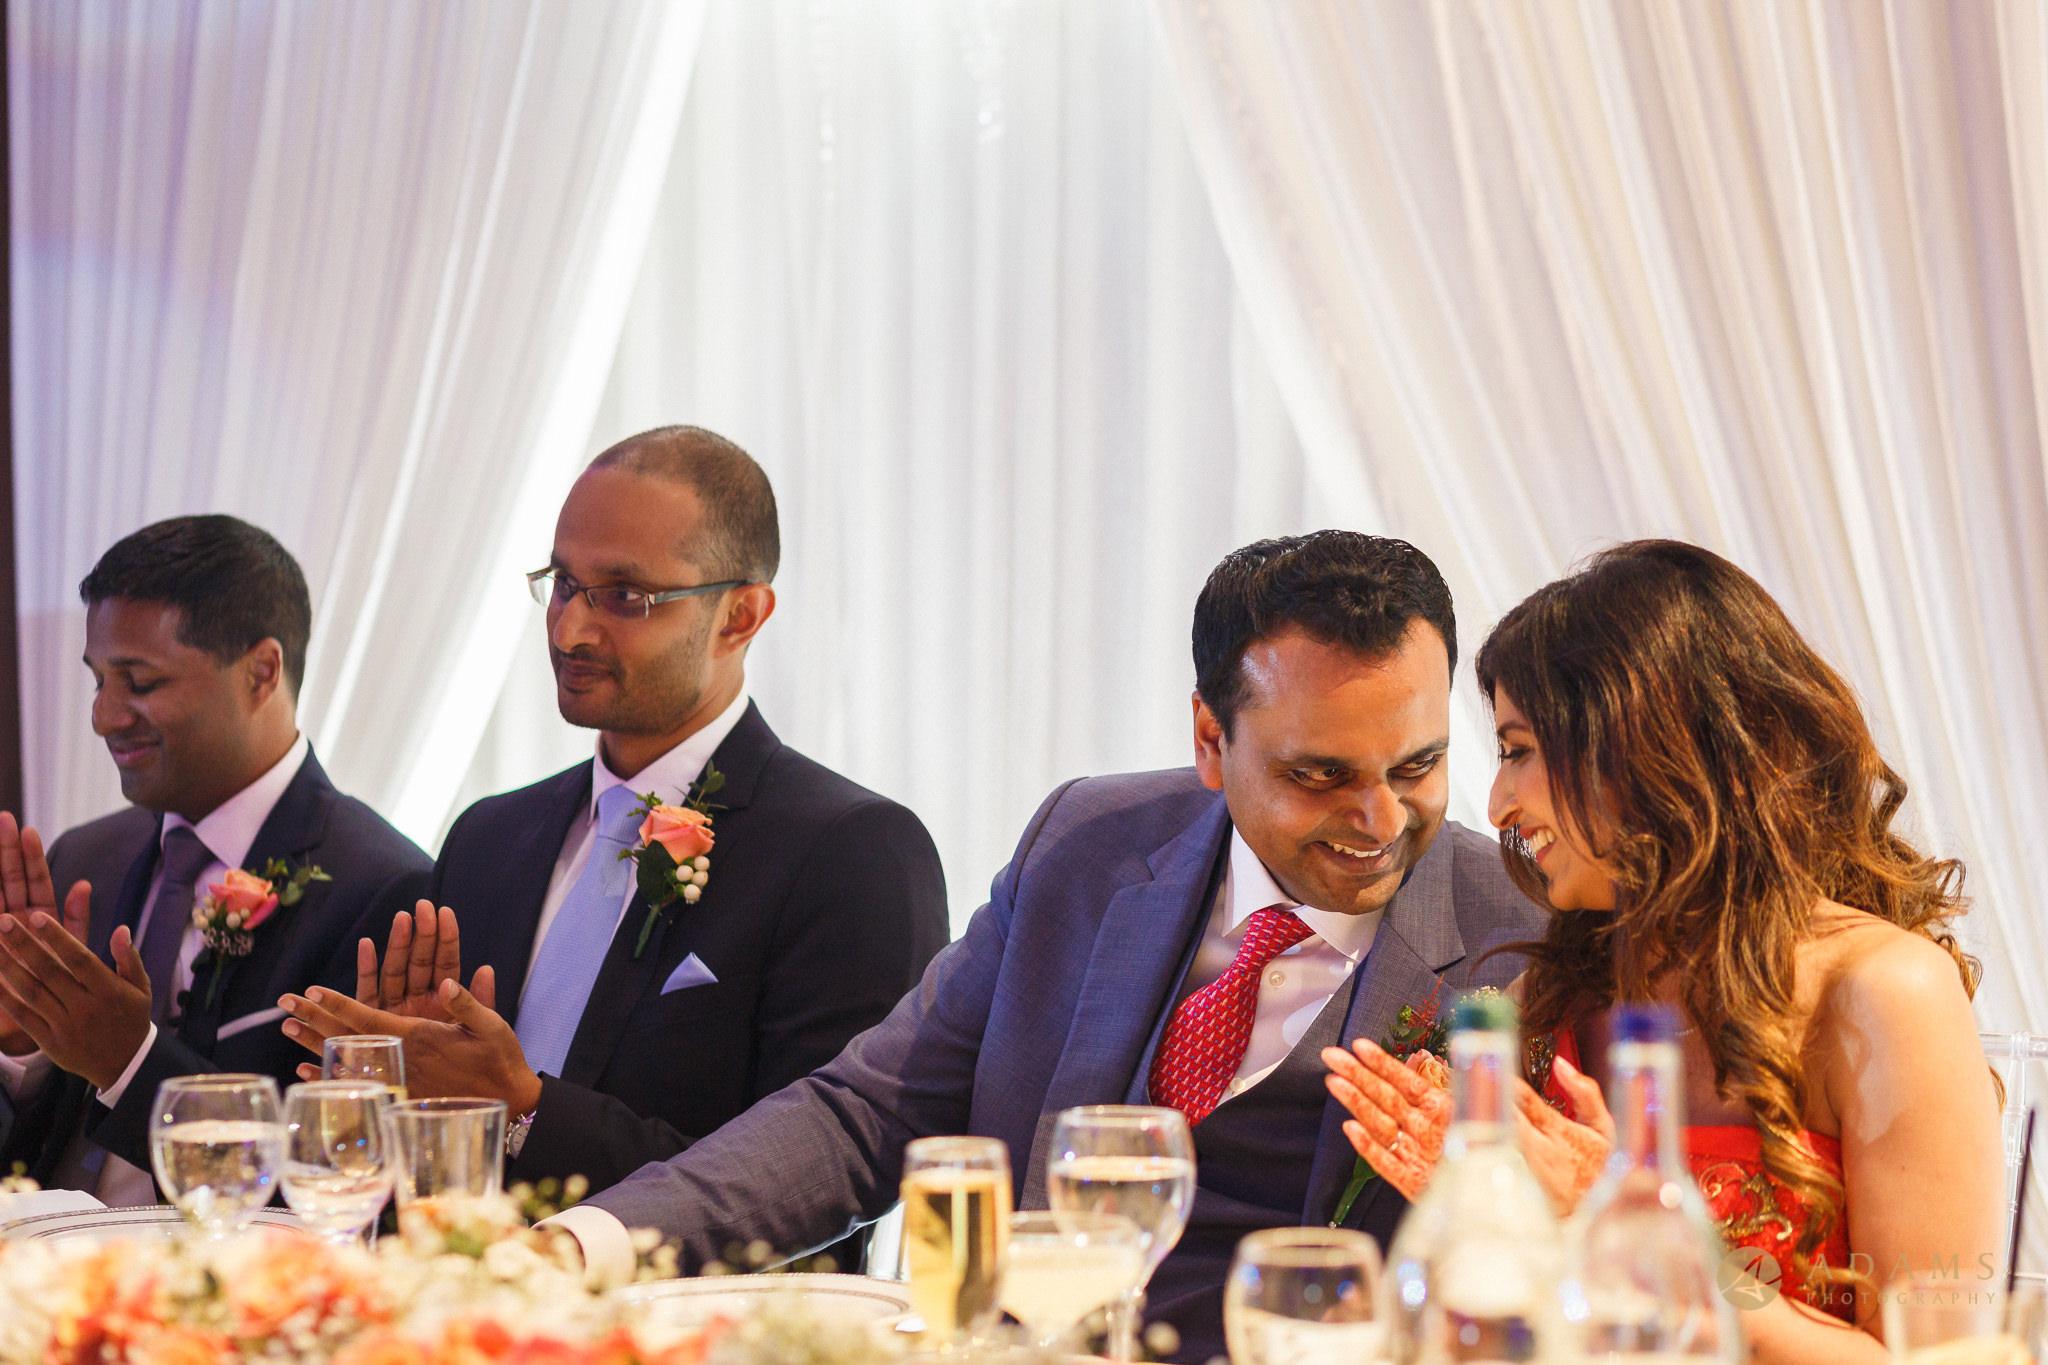 Groom looking deep in the eyes of the bride at their wedding in Langham Hotel in London